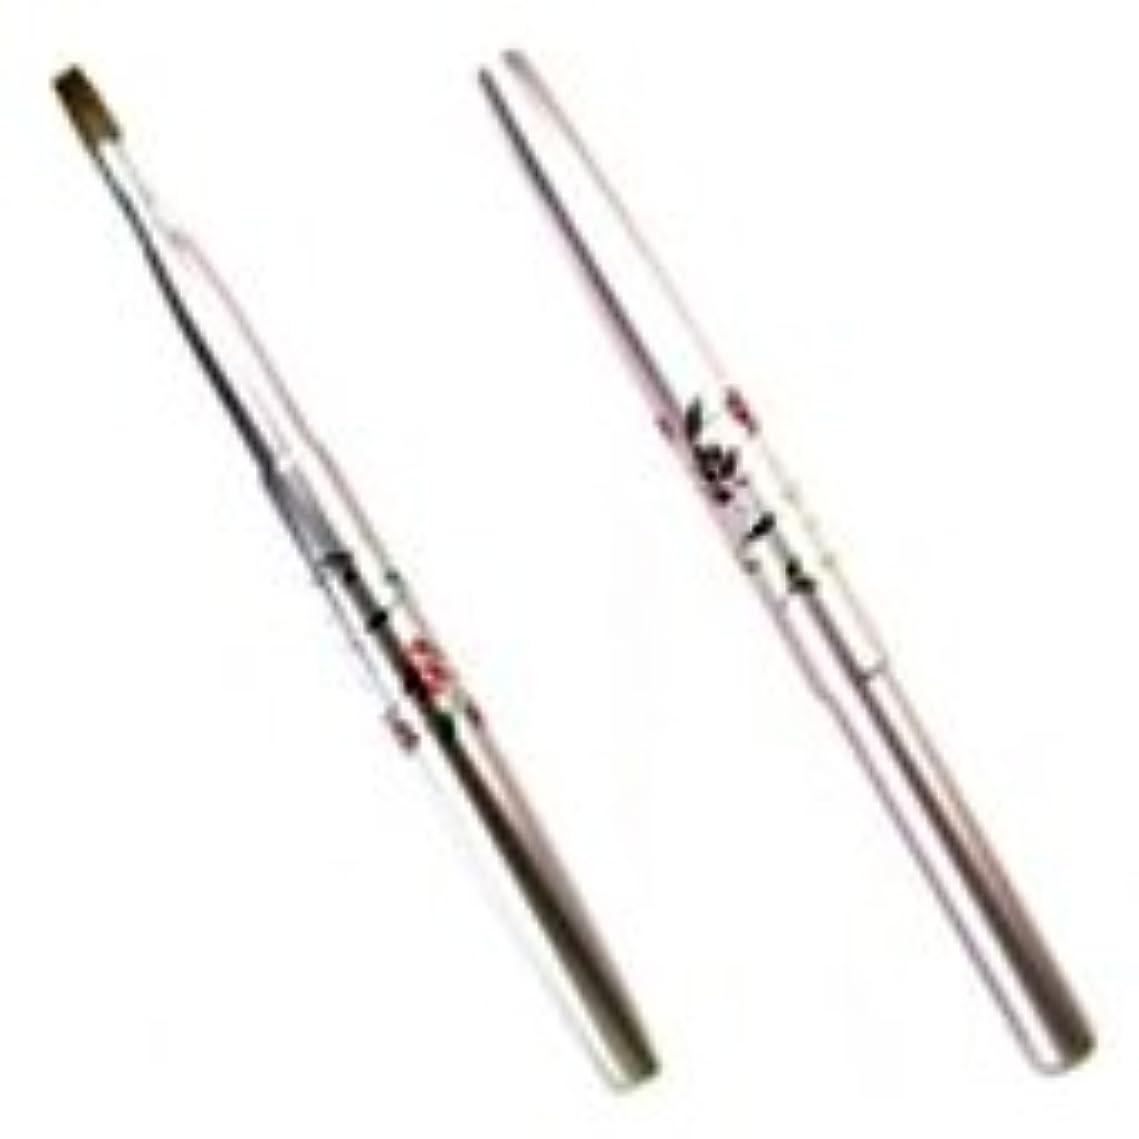 宮尾産業化粧筆(メイクブラシ) MUシリーズ-3 携帯用リップブラシ 花柄ピンク セーブル100% /熊野筆